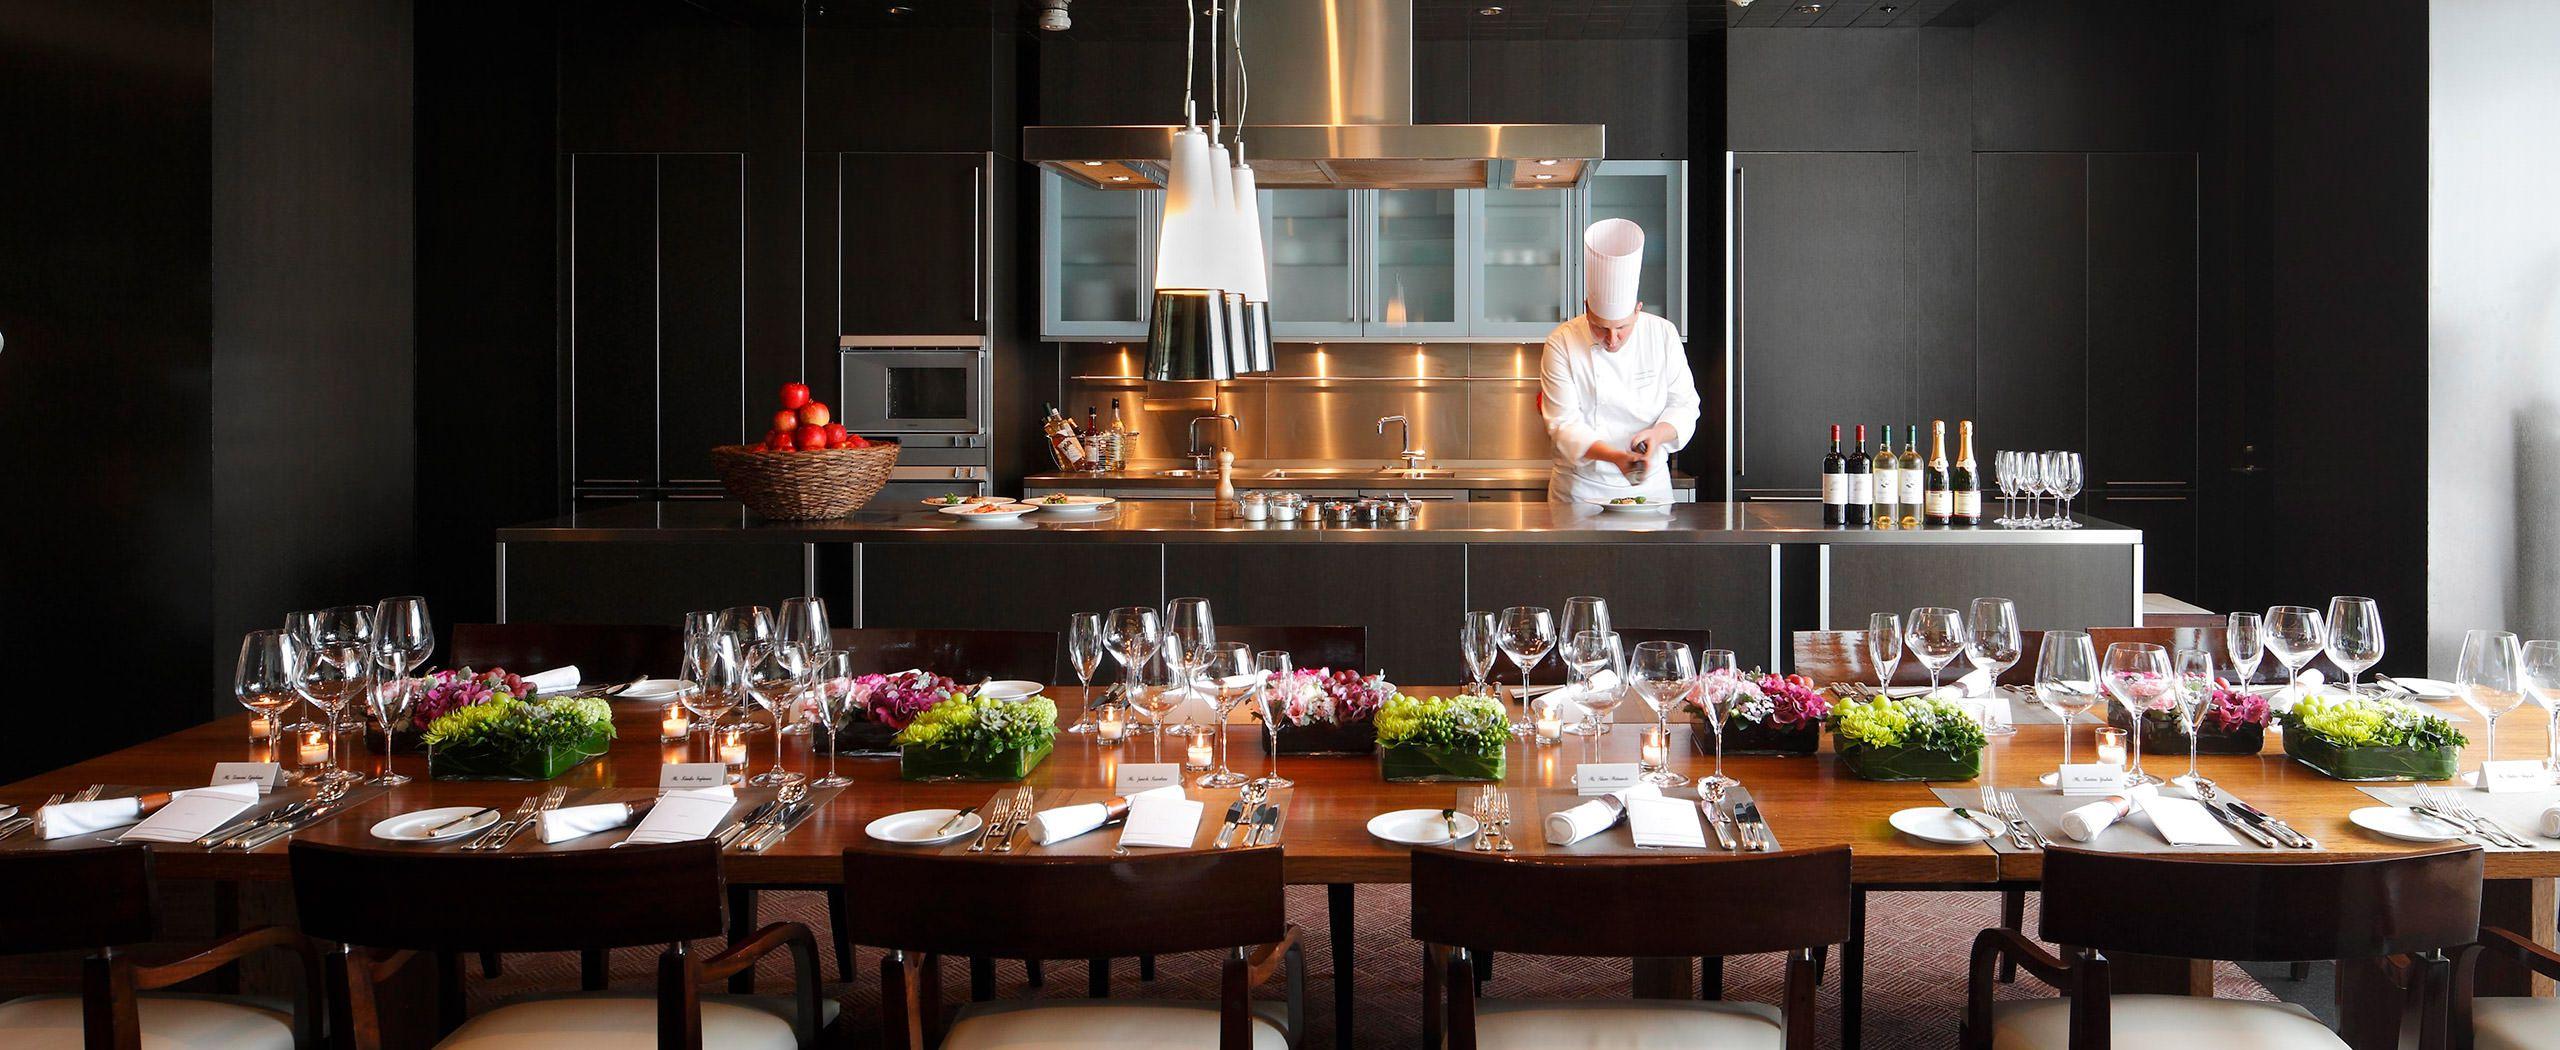 フランス料理 オールデイ ダイニング「フレンチ キッチン」|六本木 グランドハイアット東京